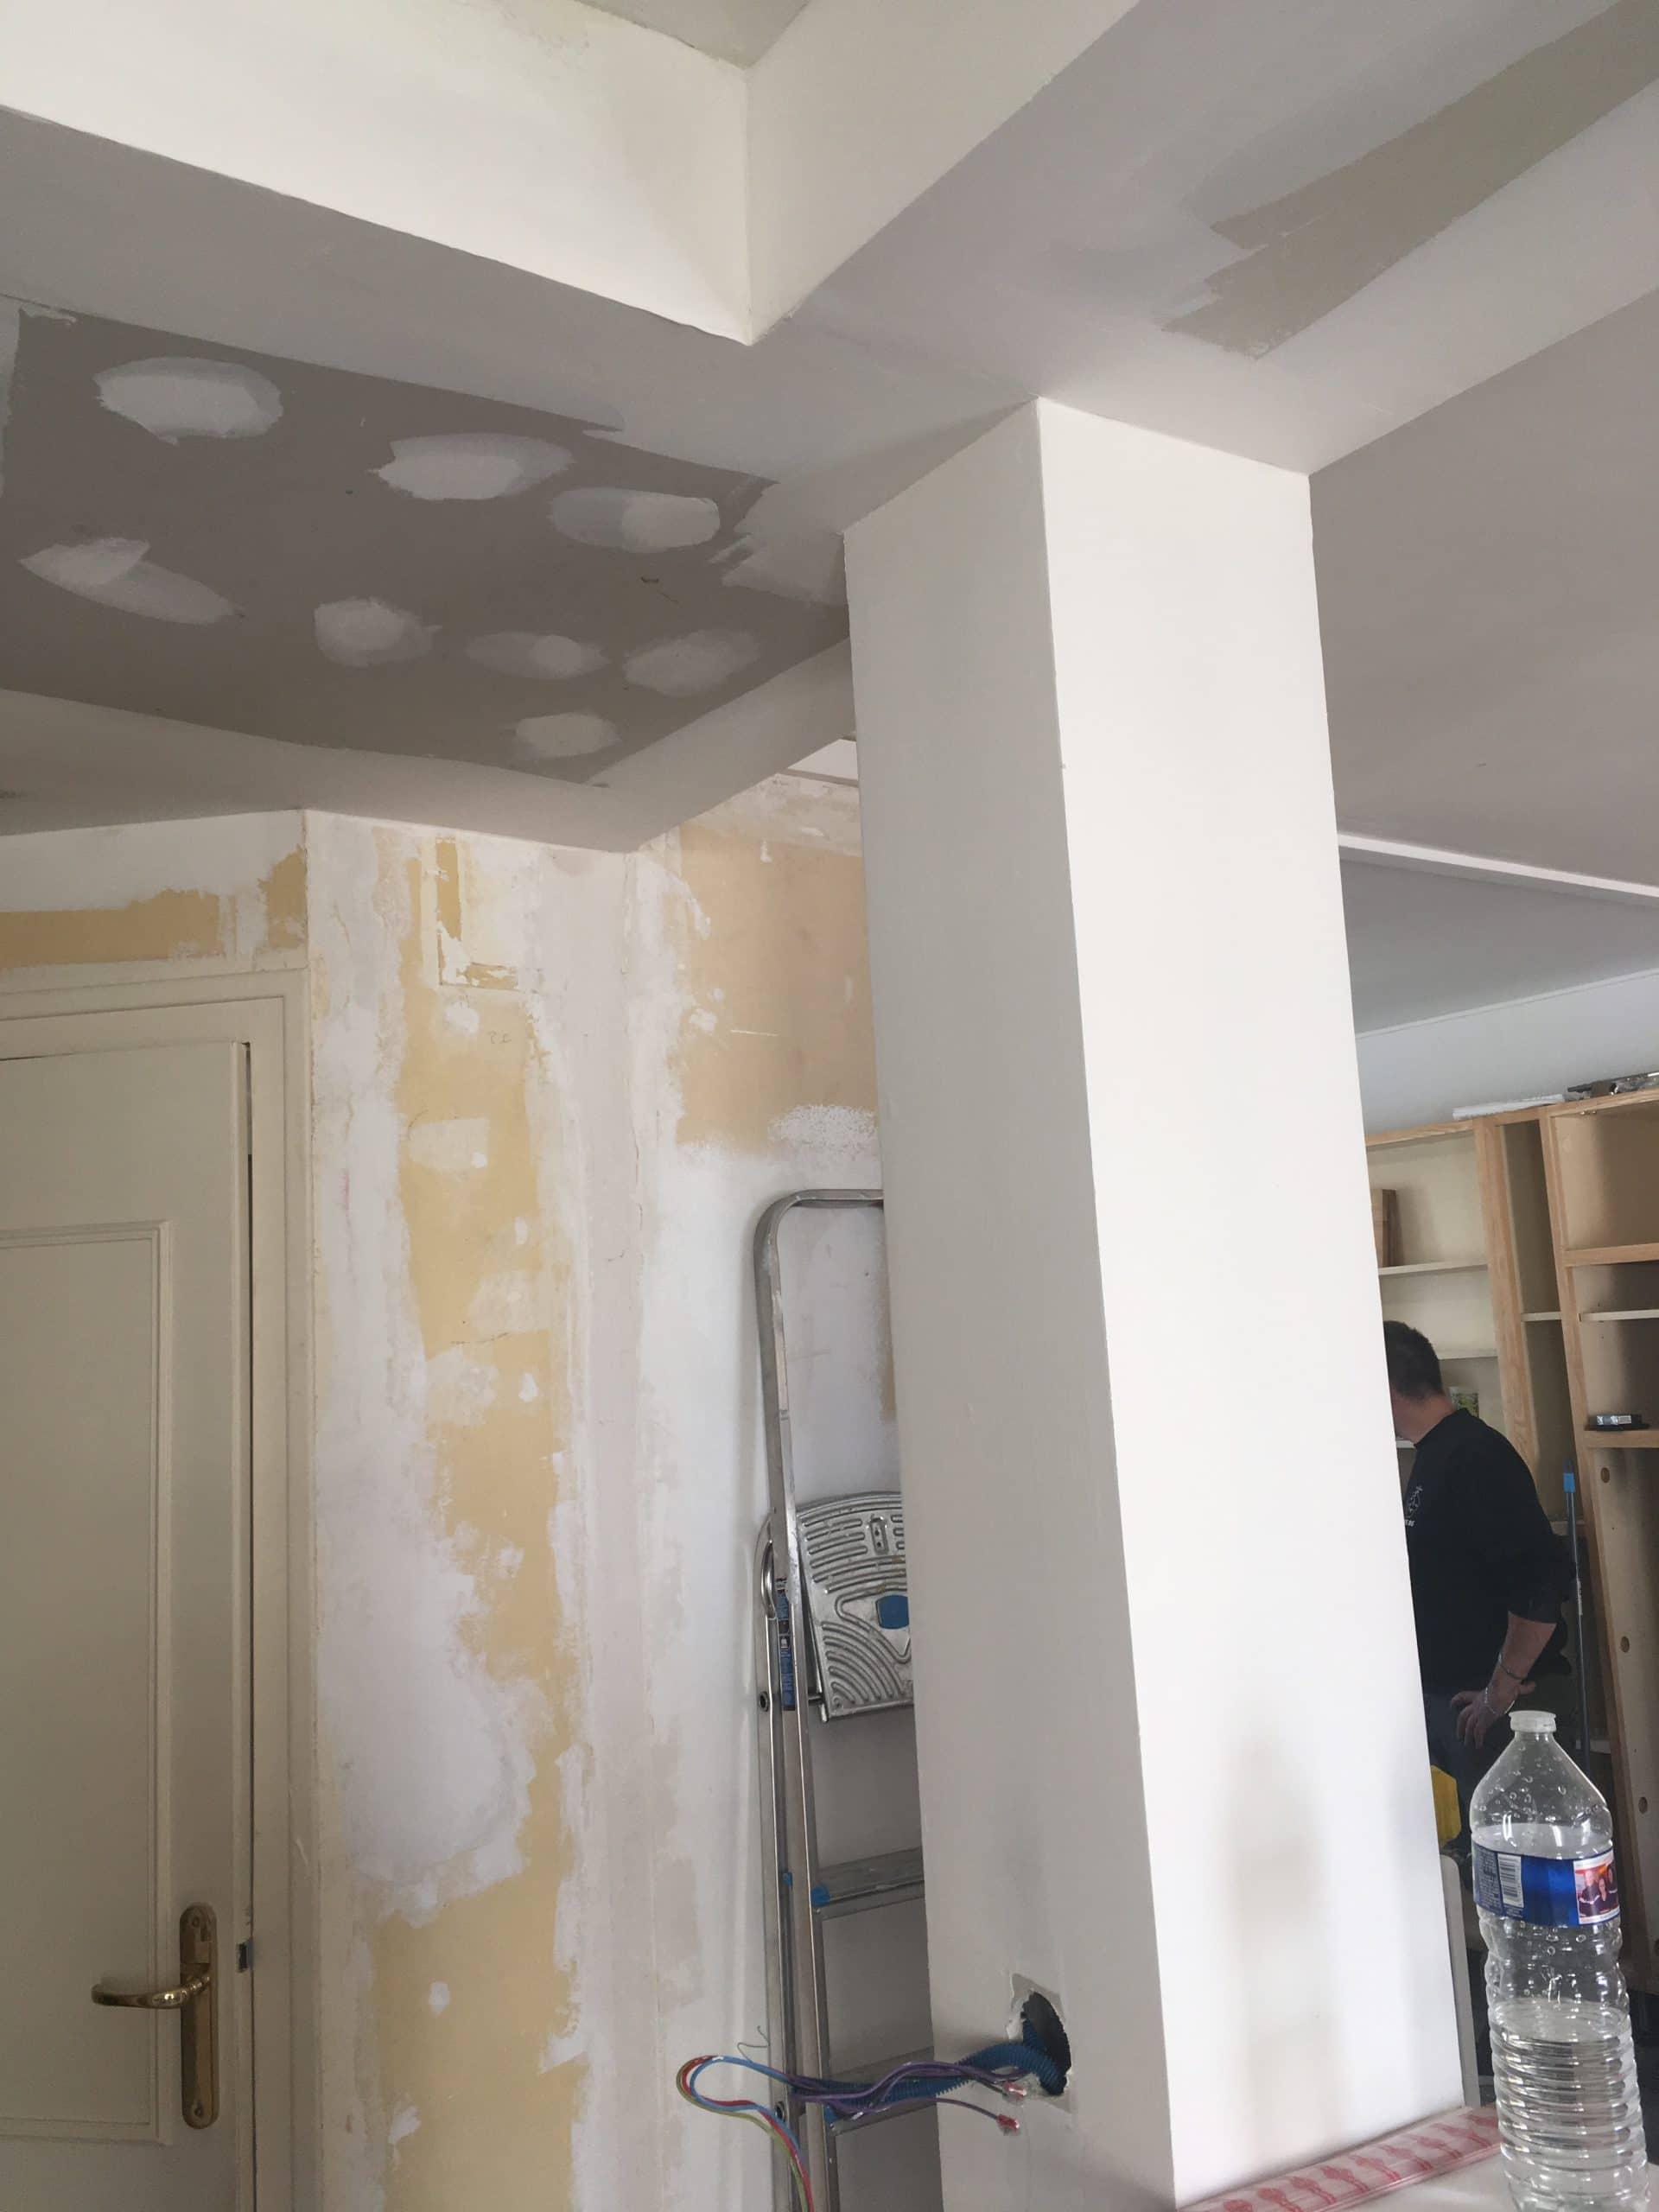 Rénovation de l'installation électrique et de plomberie d'un appartement à Poitiers (86)